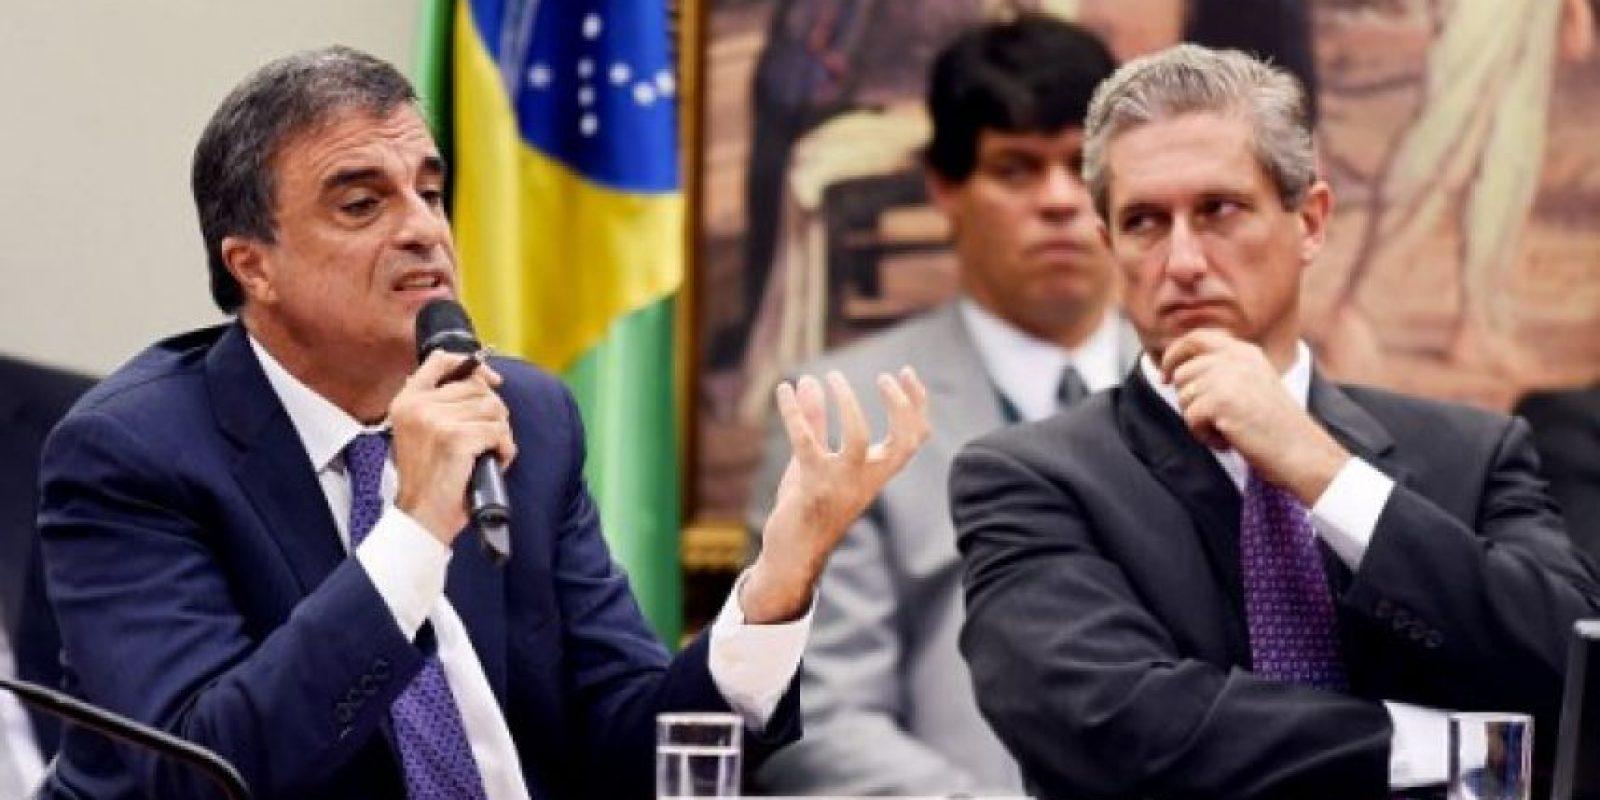 38 de los 65 diputados de la comisión especial votaron a favor de elevar el proceso de juicio político contra Rousseff. Foto:AFP